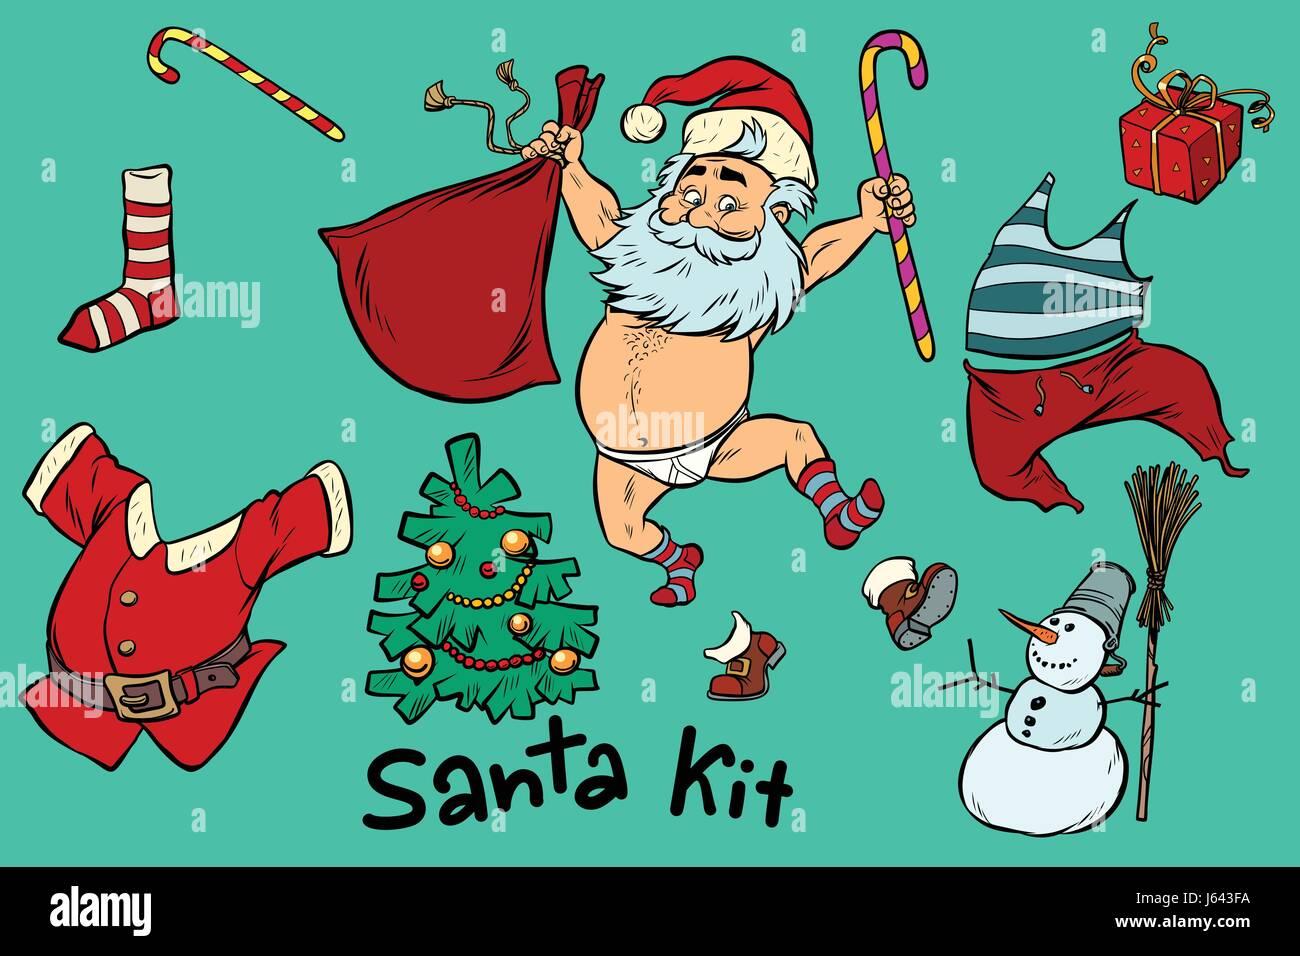 lustige cartoon bilder weihnachten